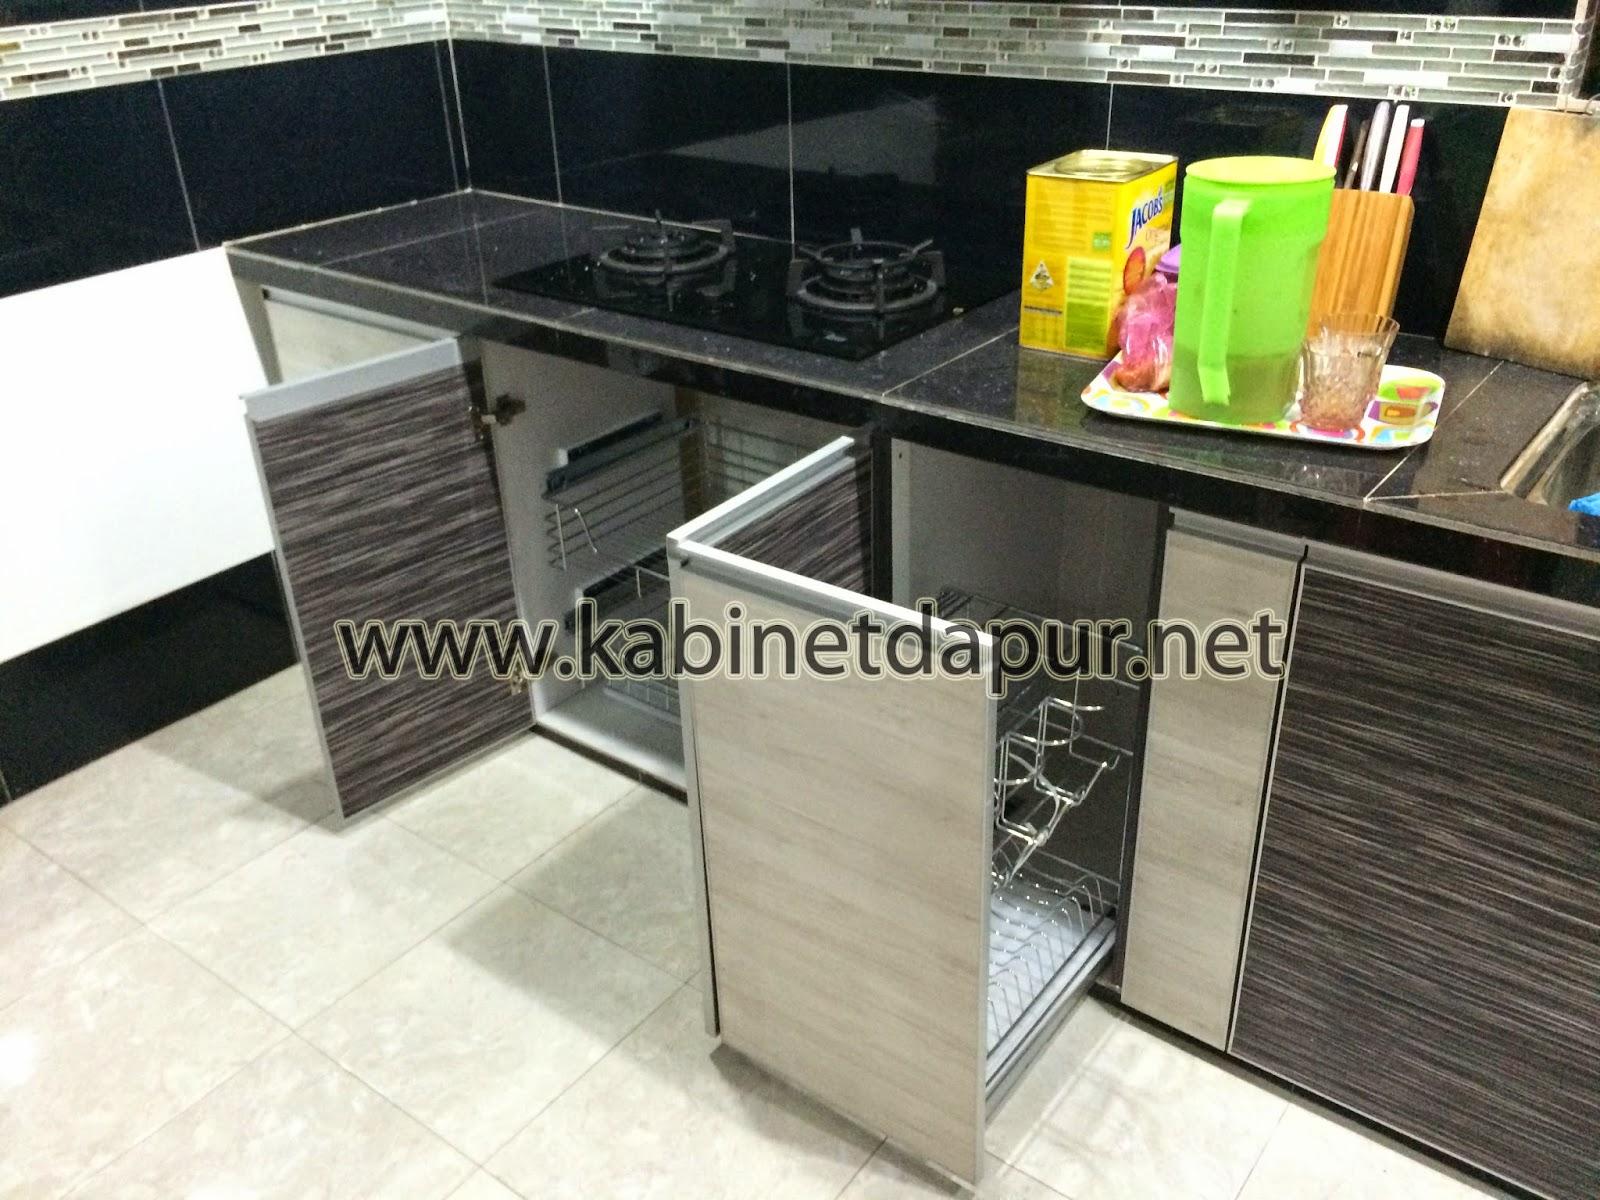 Kabinet Gantung Serta Oven Dan Peti Ais Ada Dapur Basah Kering Material Melamine Aluminium Handle 3g Gl